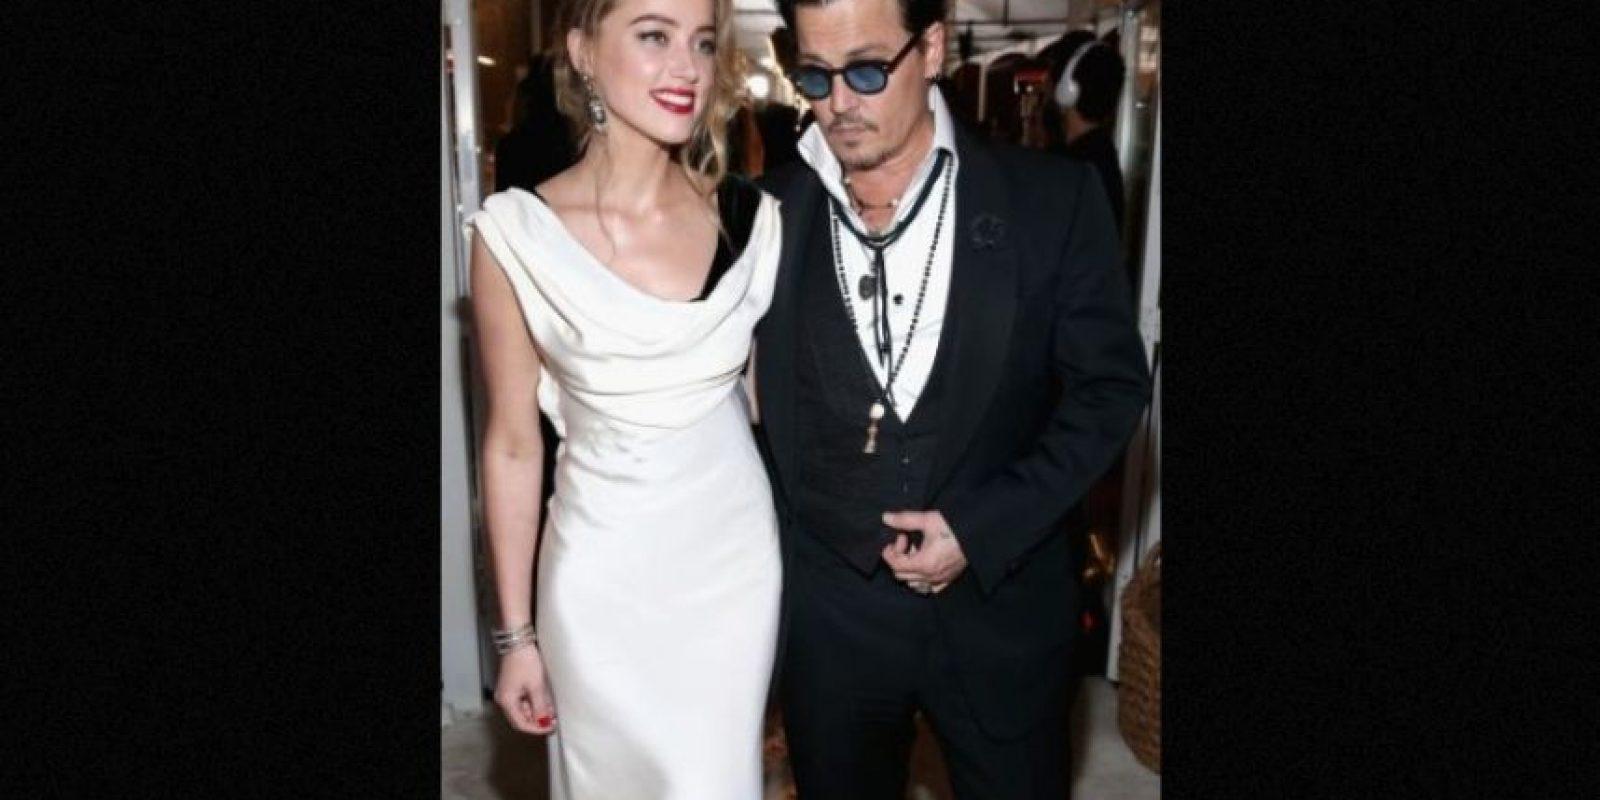 En aquel momento, la ahora esposa de Johnny Depp se refirió a su relación con la fotógrafa Tasya van Ree, con quien salió desde 2008 hasta 2011. Foto:Getty Images